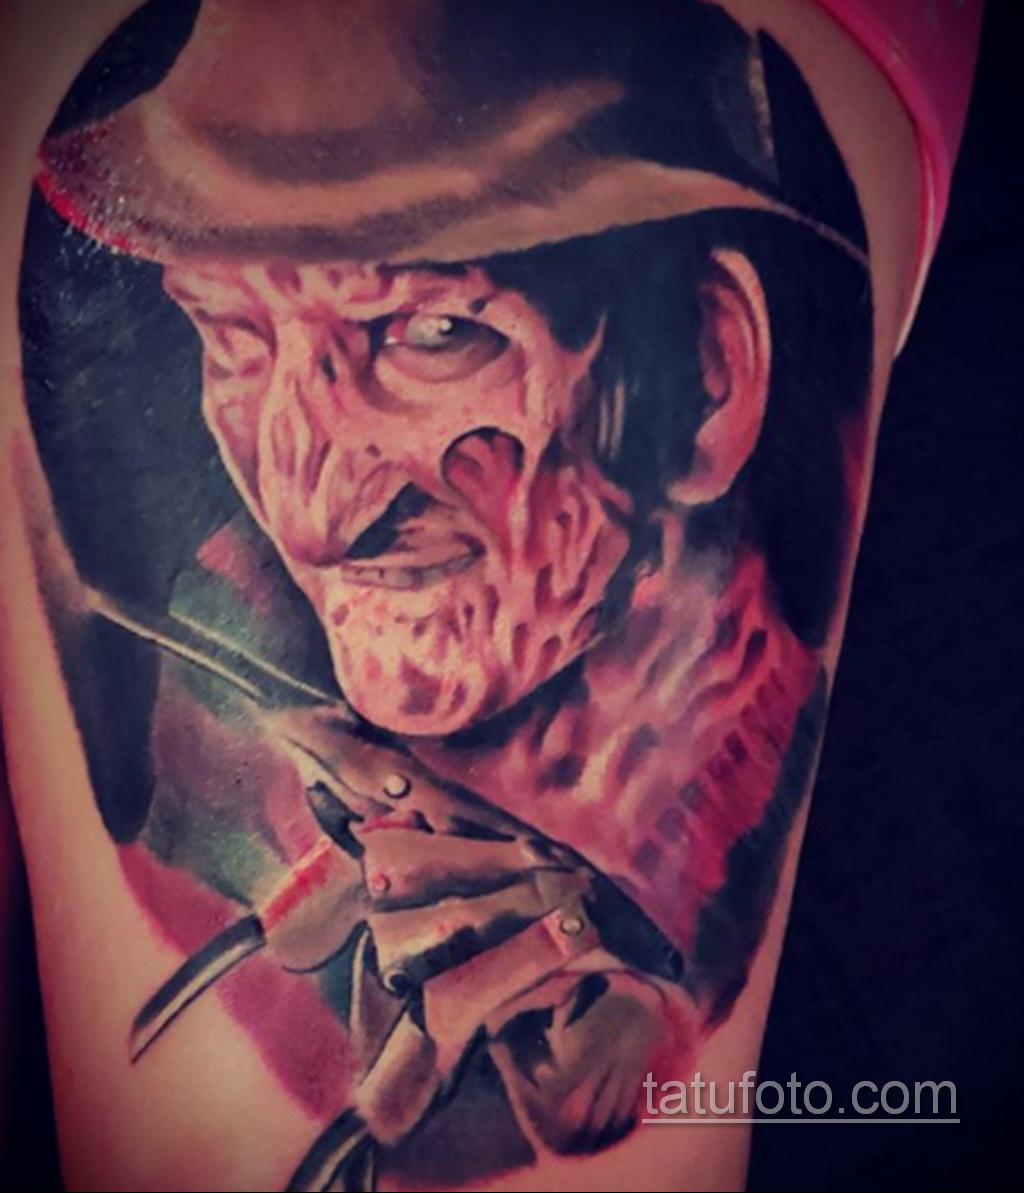 Фото тату с Фредди Крюгером 12.10.2020 №071 -freddy krueger tattoo- tatufoto.com